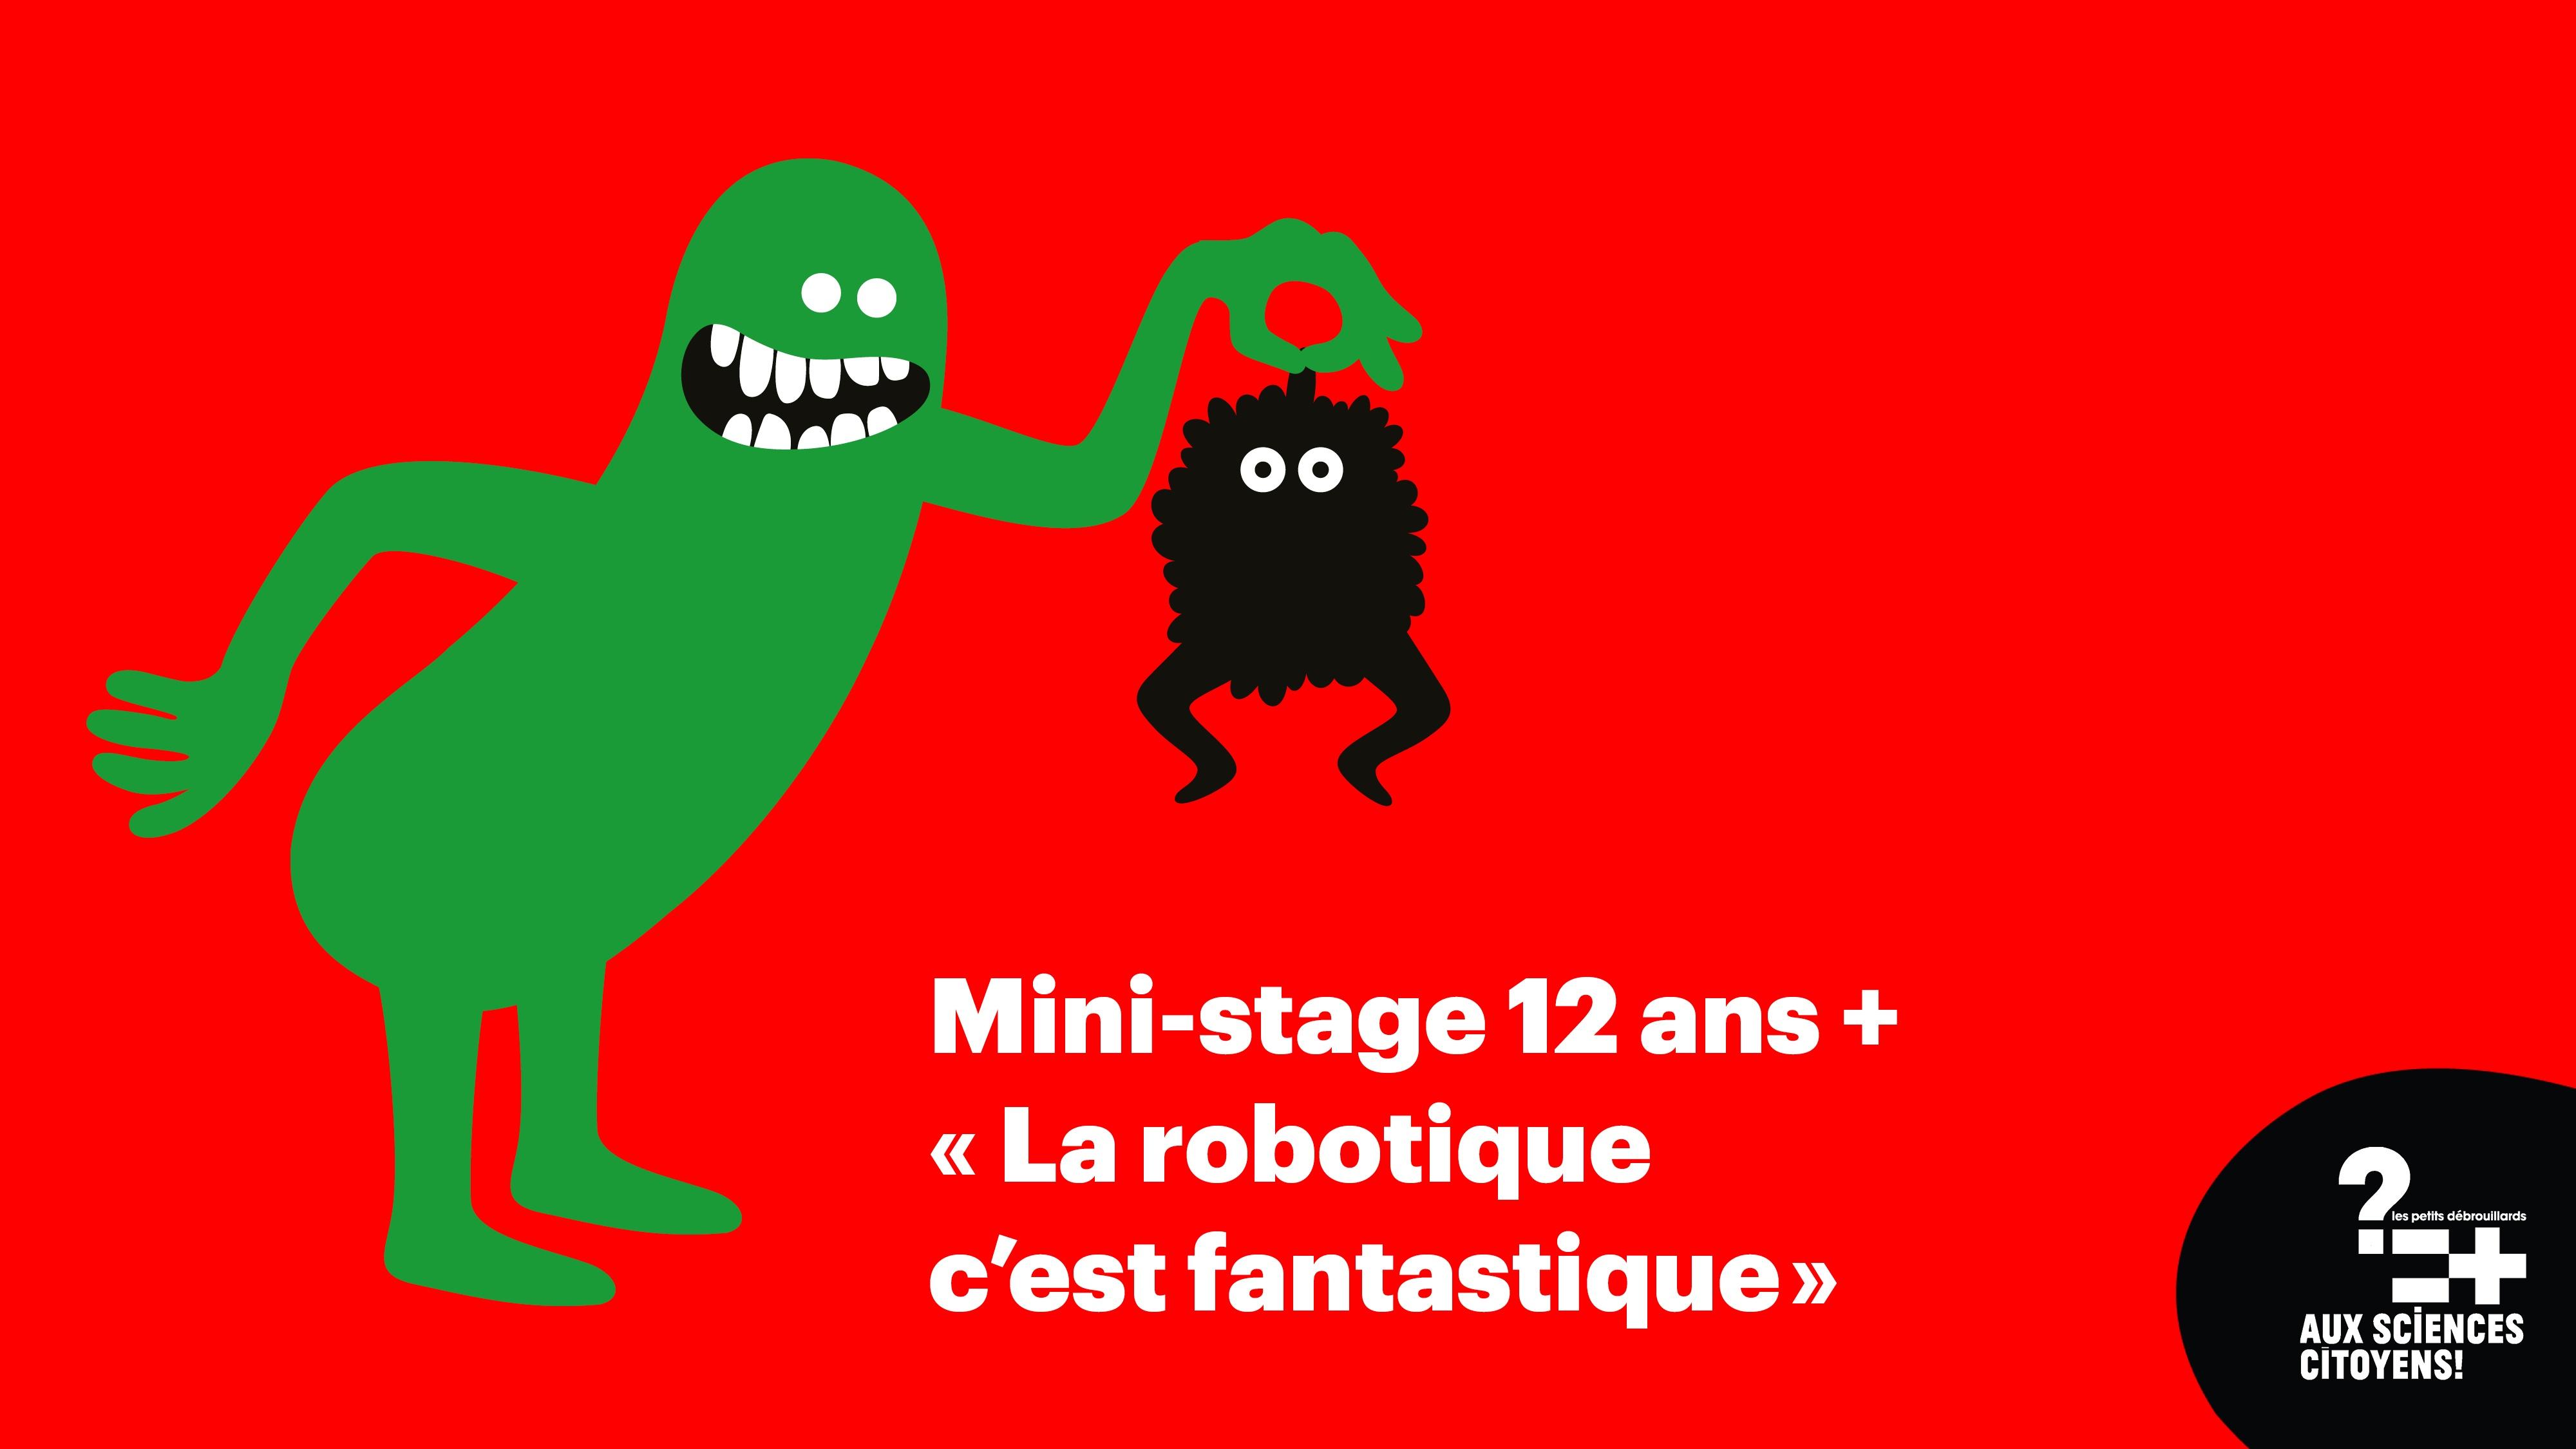 [BREST] MINI-STAGE12ANS+ «La robotique, c'est fantastique»